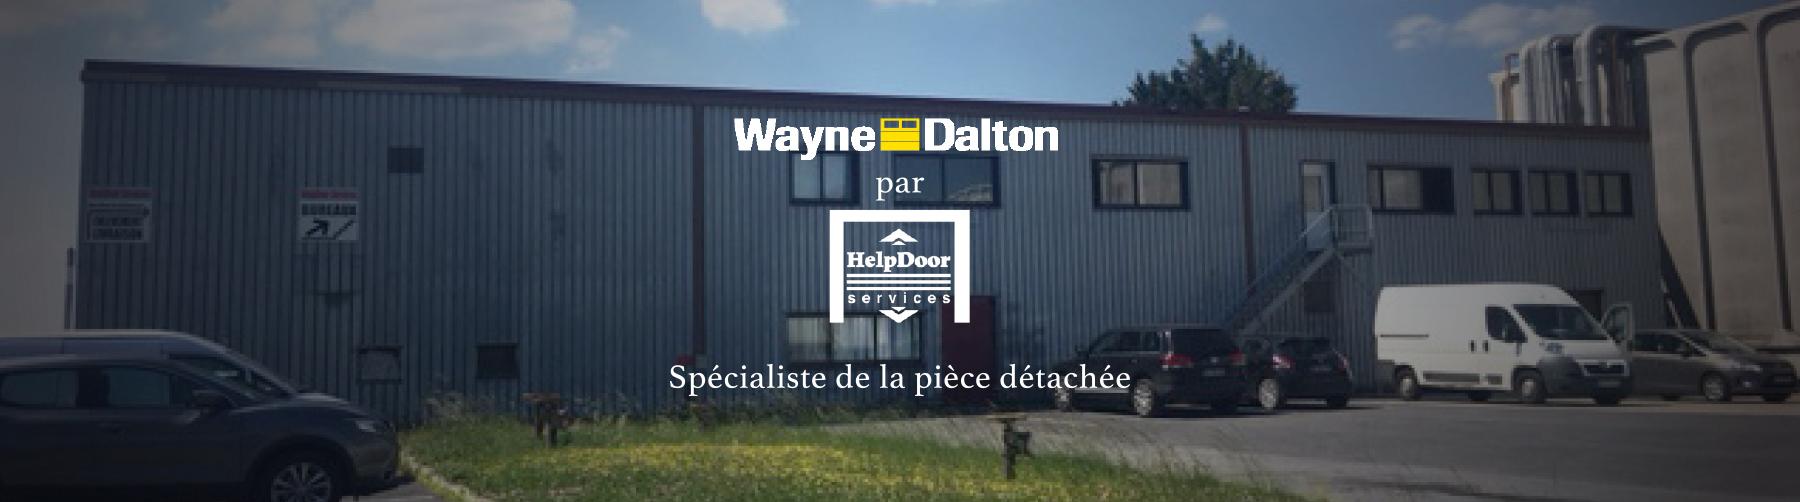 Helpdoorservices Wayne Dalton